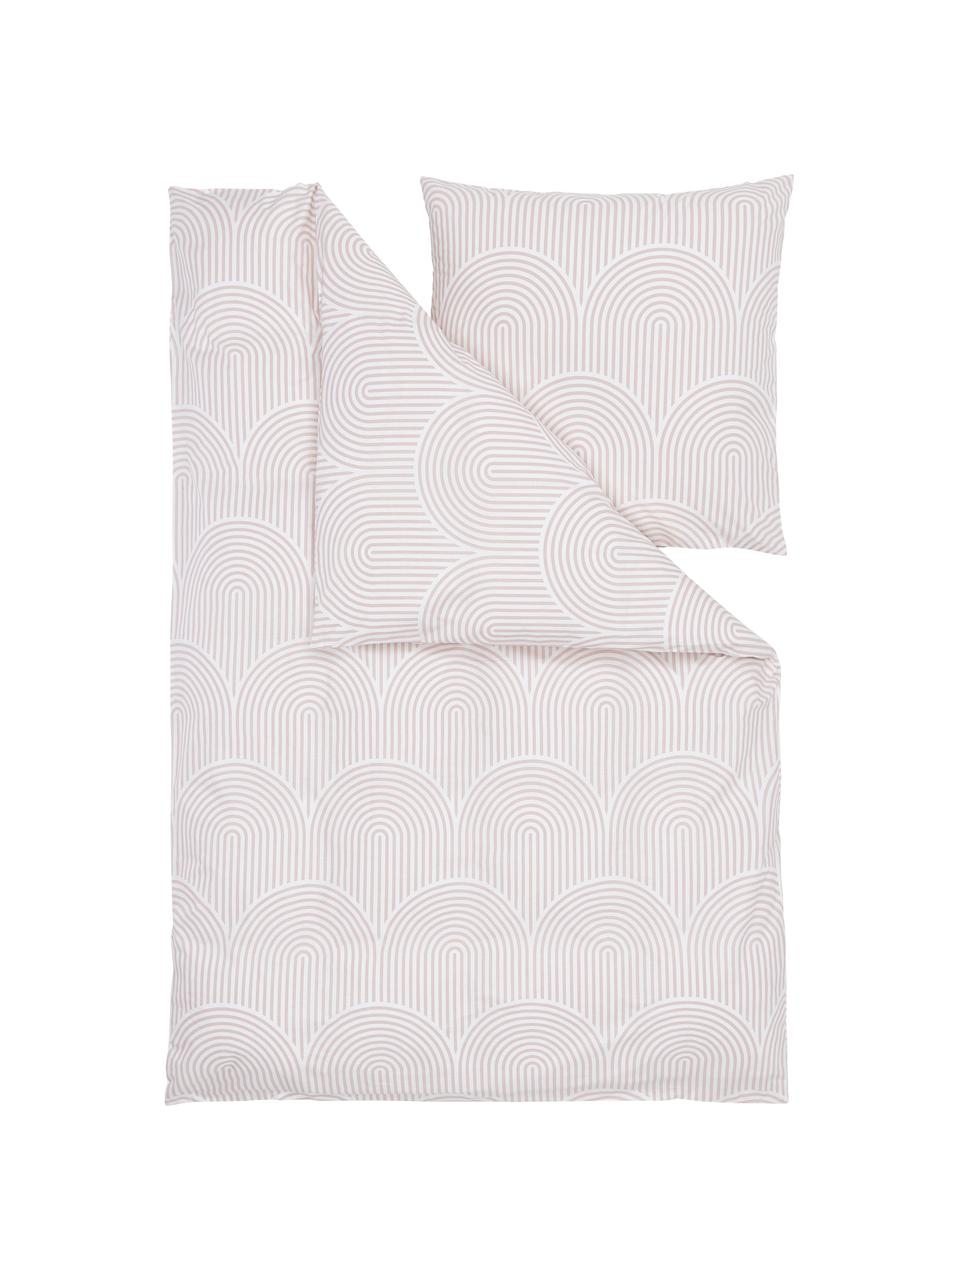 Pościel z bawełny Arcs, Blady różowy, biały, 240 x 220 cm + 2 poduszka 80 x 80 cm